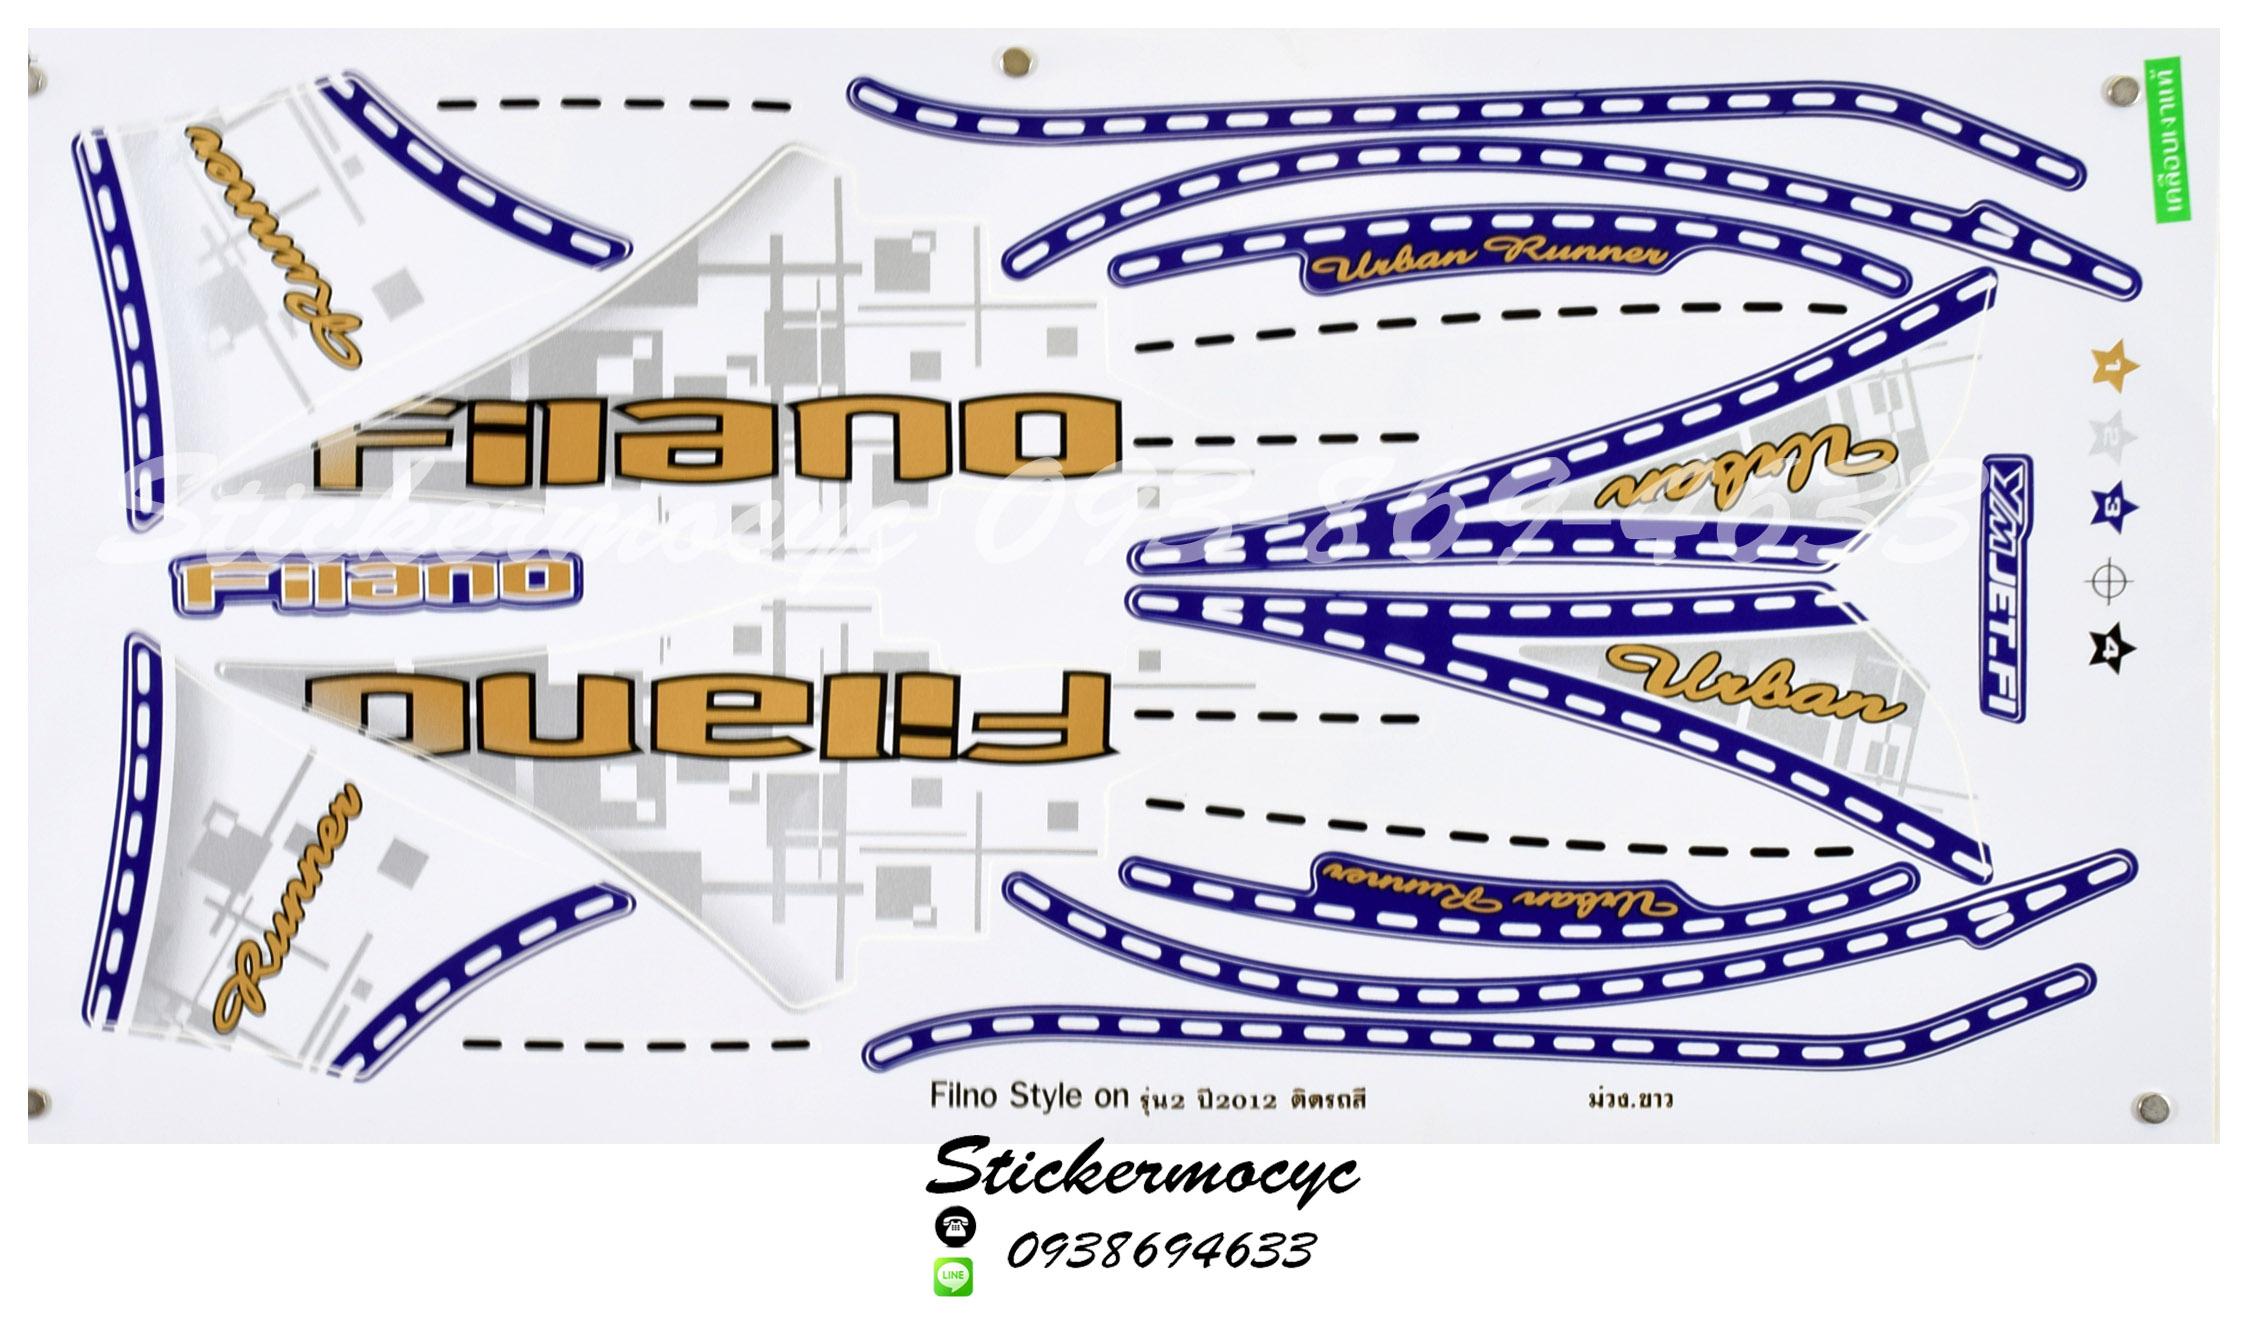 สติ๊กเกอร์ YAMAHA FILANO ปี 2012 รุ่น 2 STYLE ON ติดรถสี ม่วง ขาว (เคลือบเงาแท้)